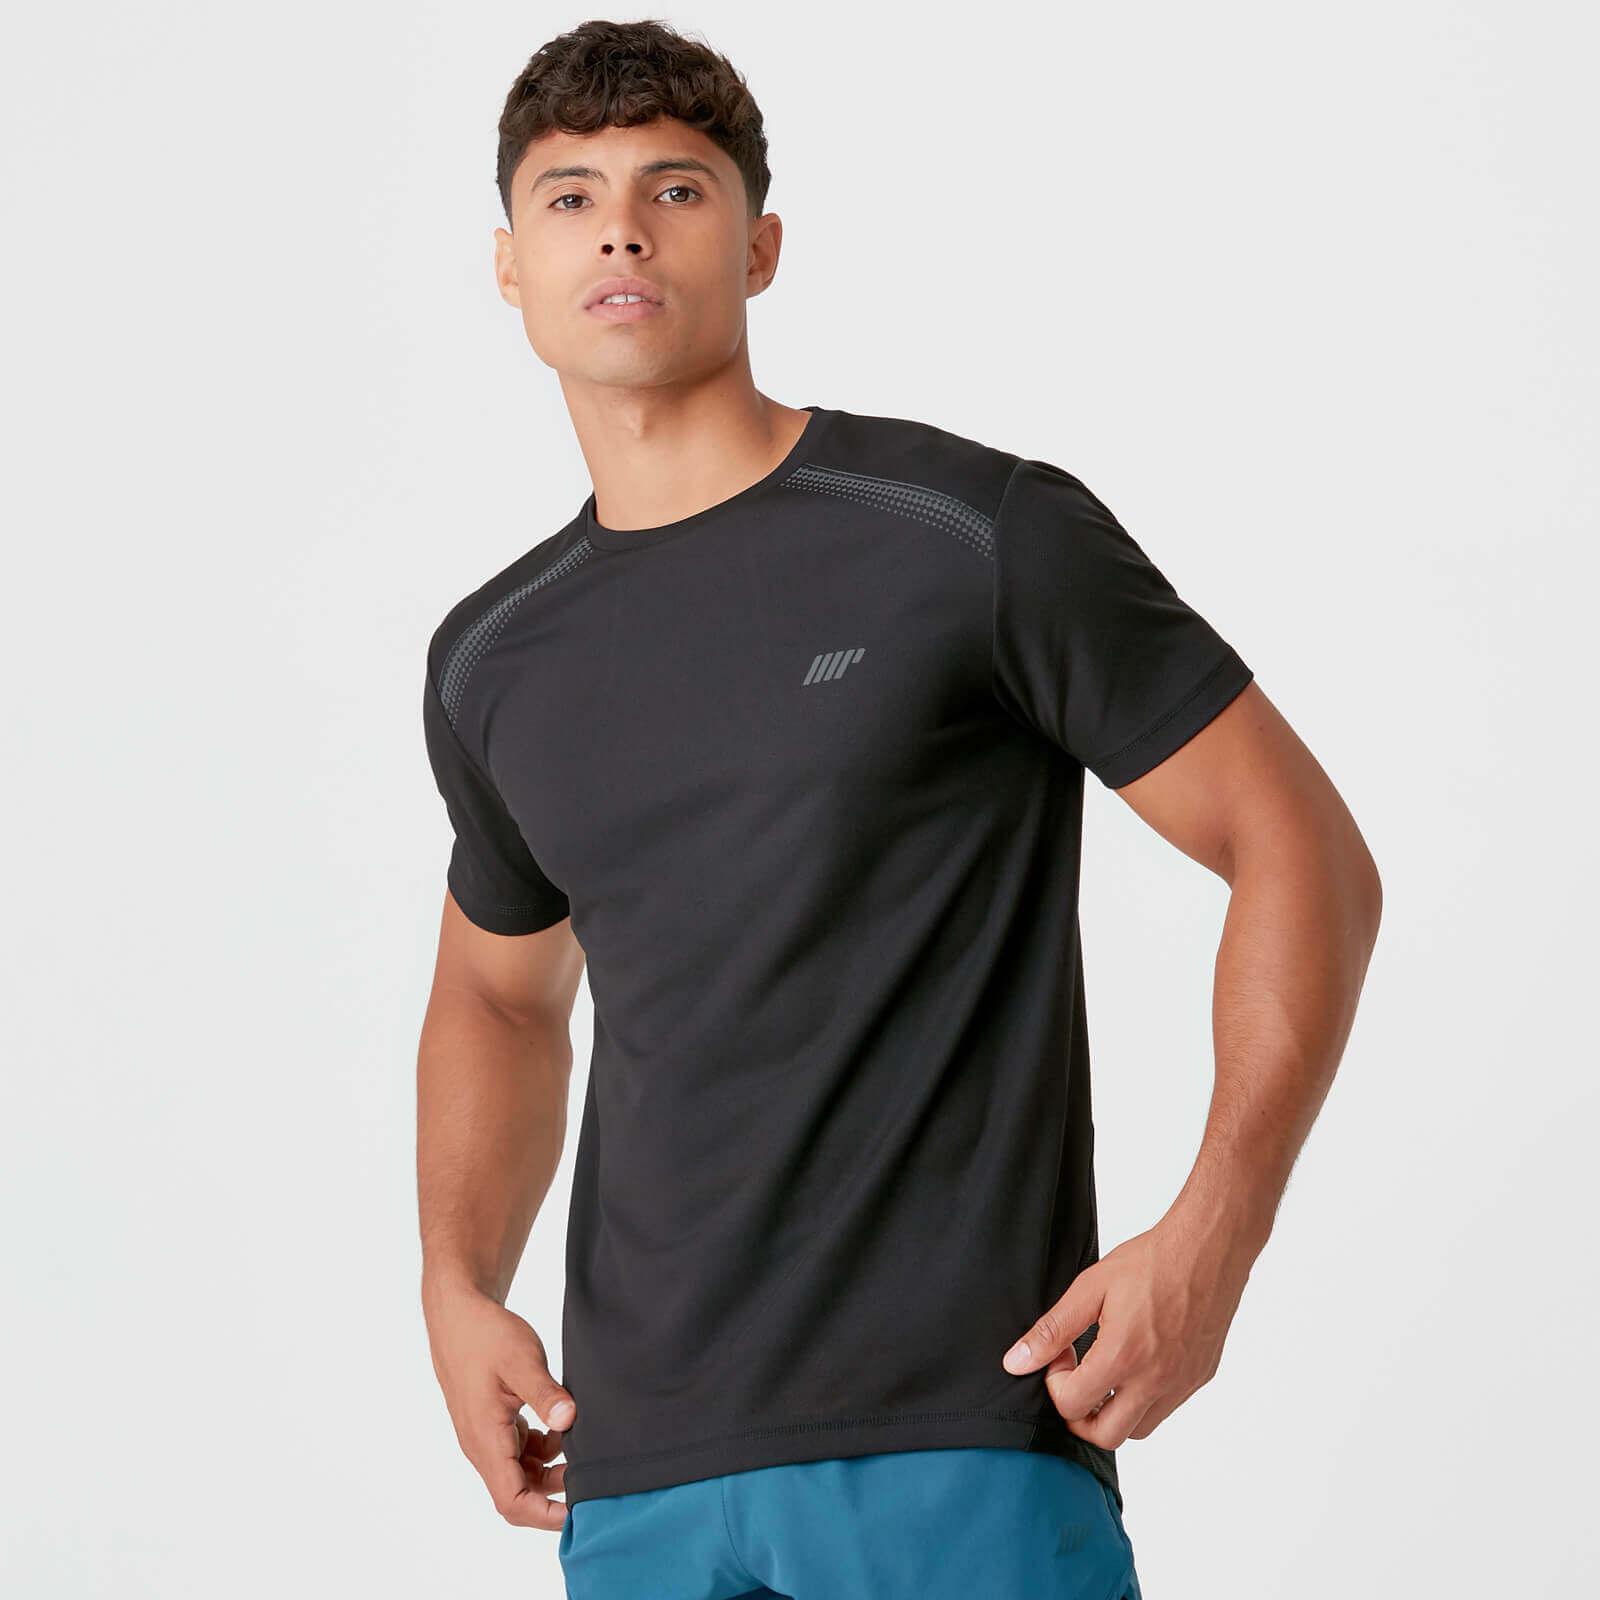 Myprotein Boost T-Shirt - Black - L